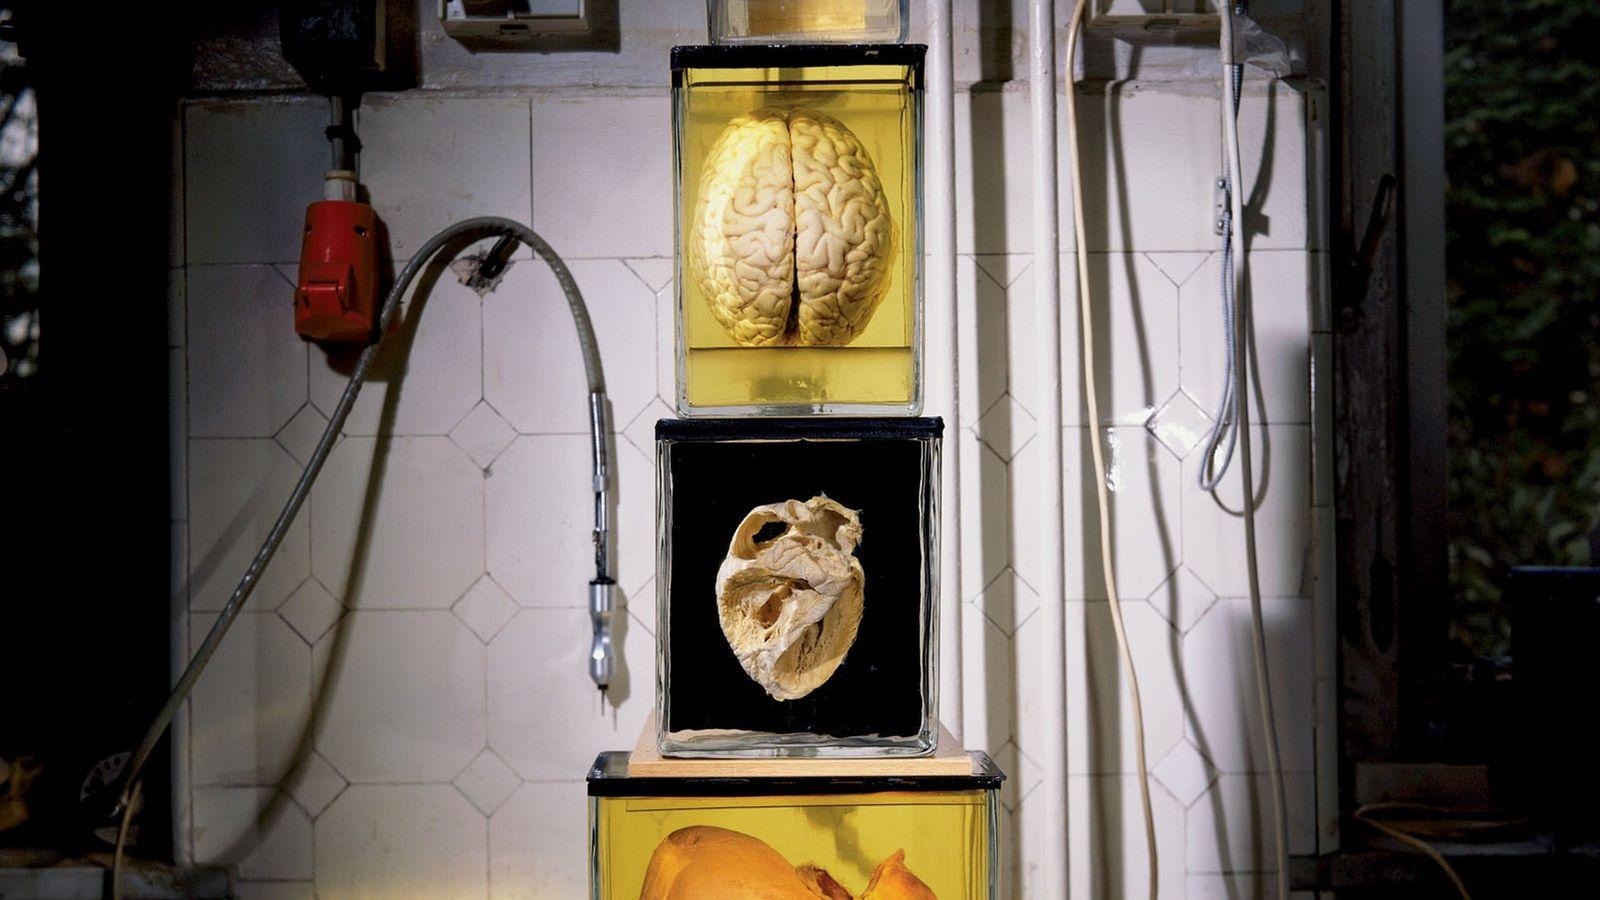 Max Aguilera-Hellweg a pris cette photo de spécimens pathologiques à Berlin alors qu'il réalisait un sujet ...